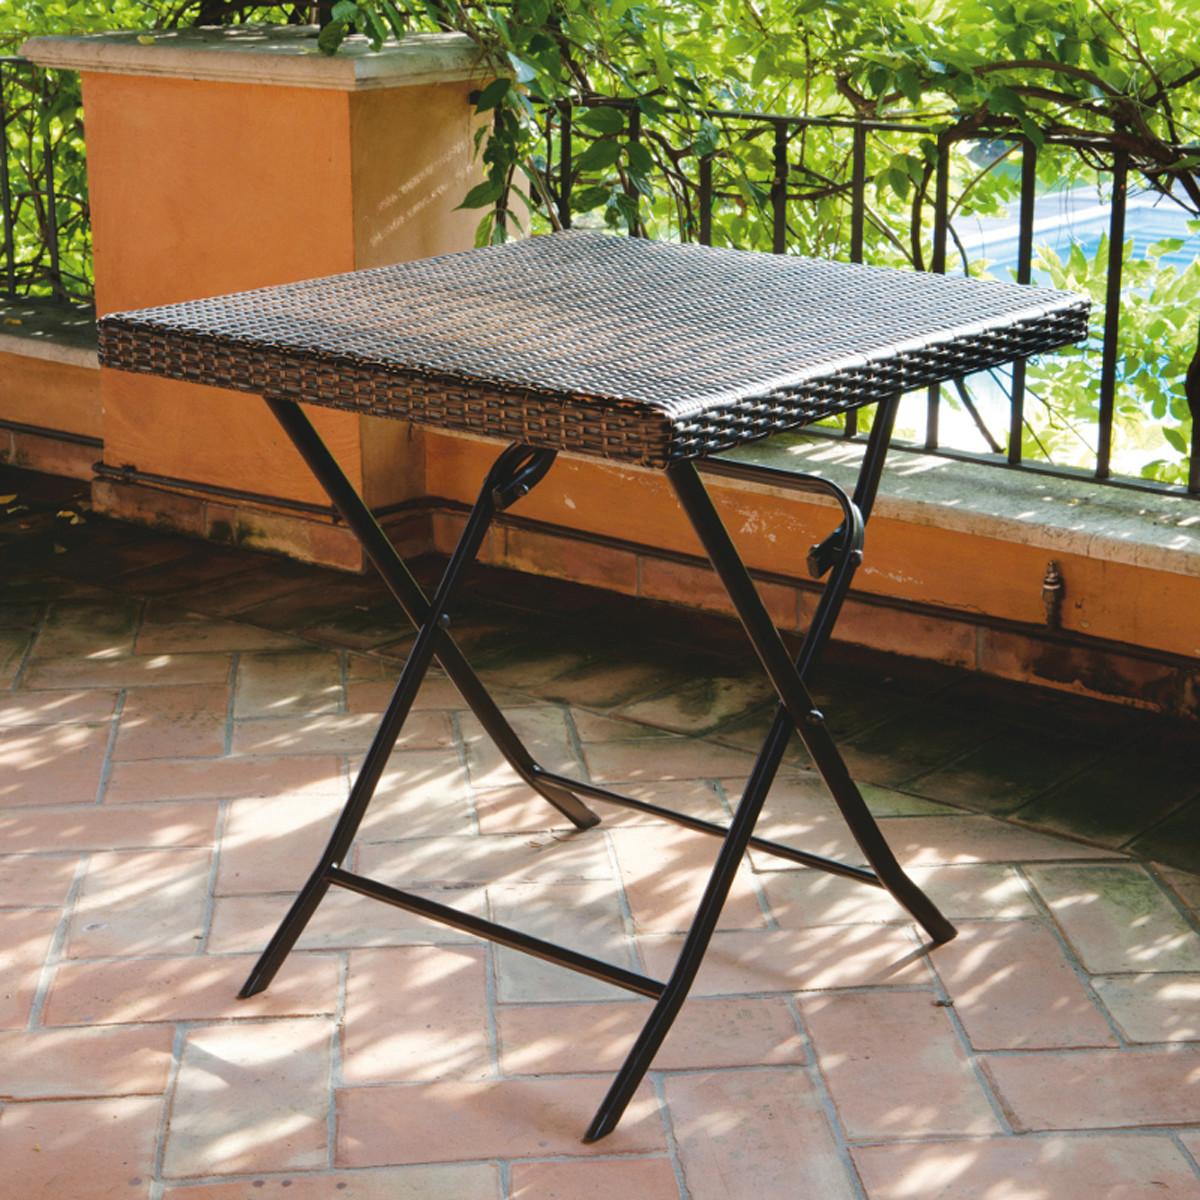 Lampada da tavolo pieghevole 60 led alta prezzo e - Offerte tavoli da giardino leroy merlin ...